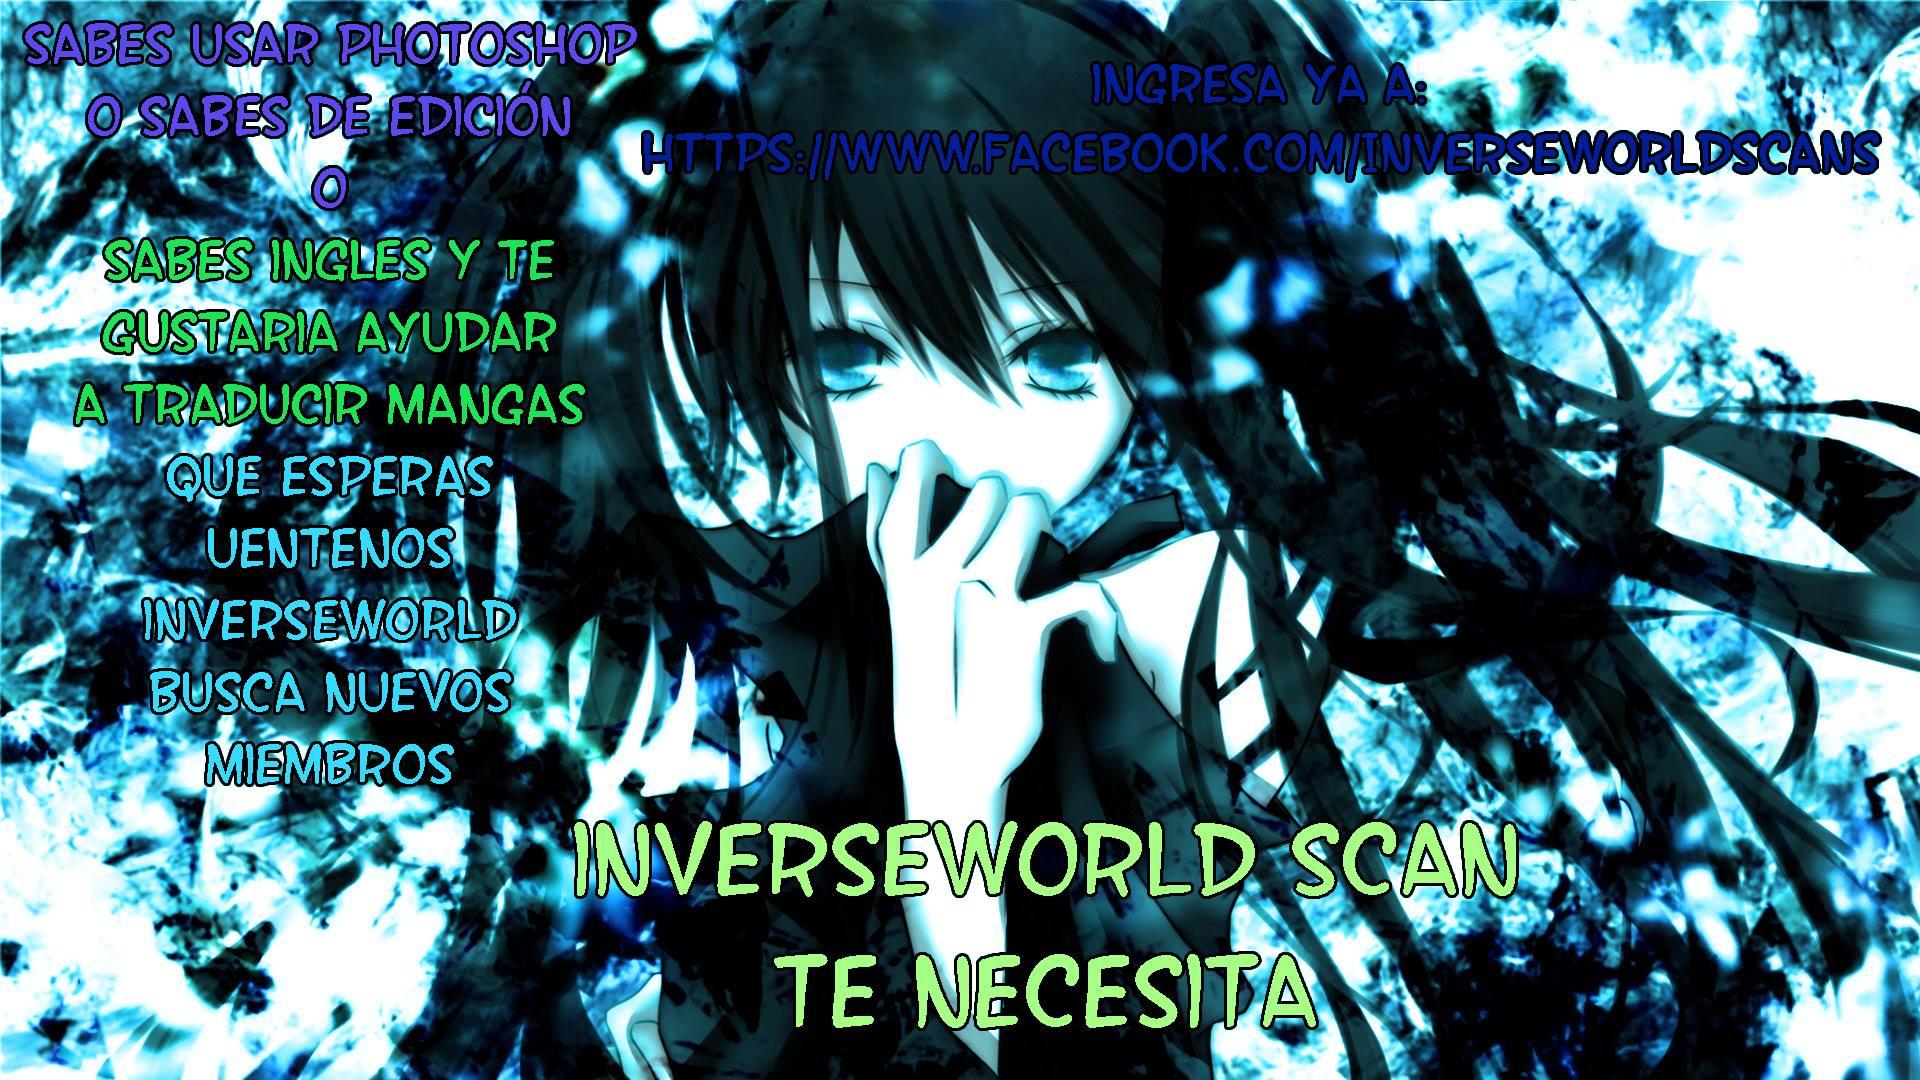 https://c5.mangatag.com/es_manga/18/16210/415321/73e21337a0fffbbeb9922dc45bad3d38.jpg Page 2